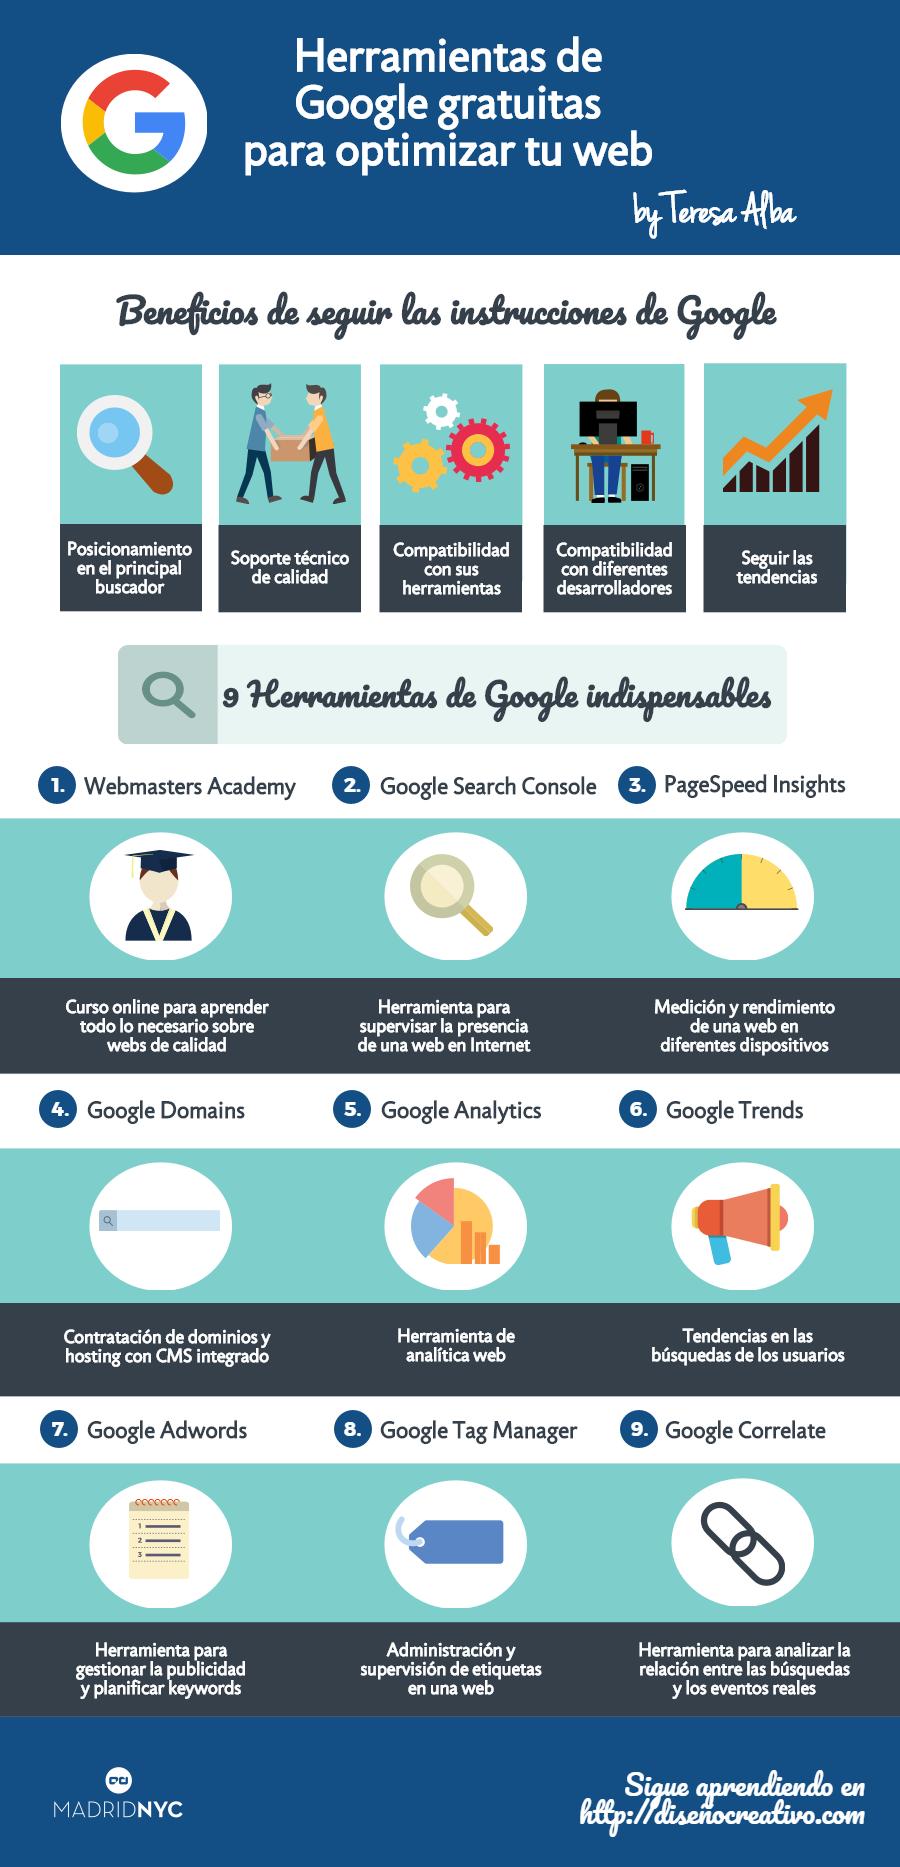 Herramientas de Google para optimizar tu página web #infografia #infographic #seo